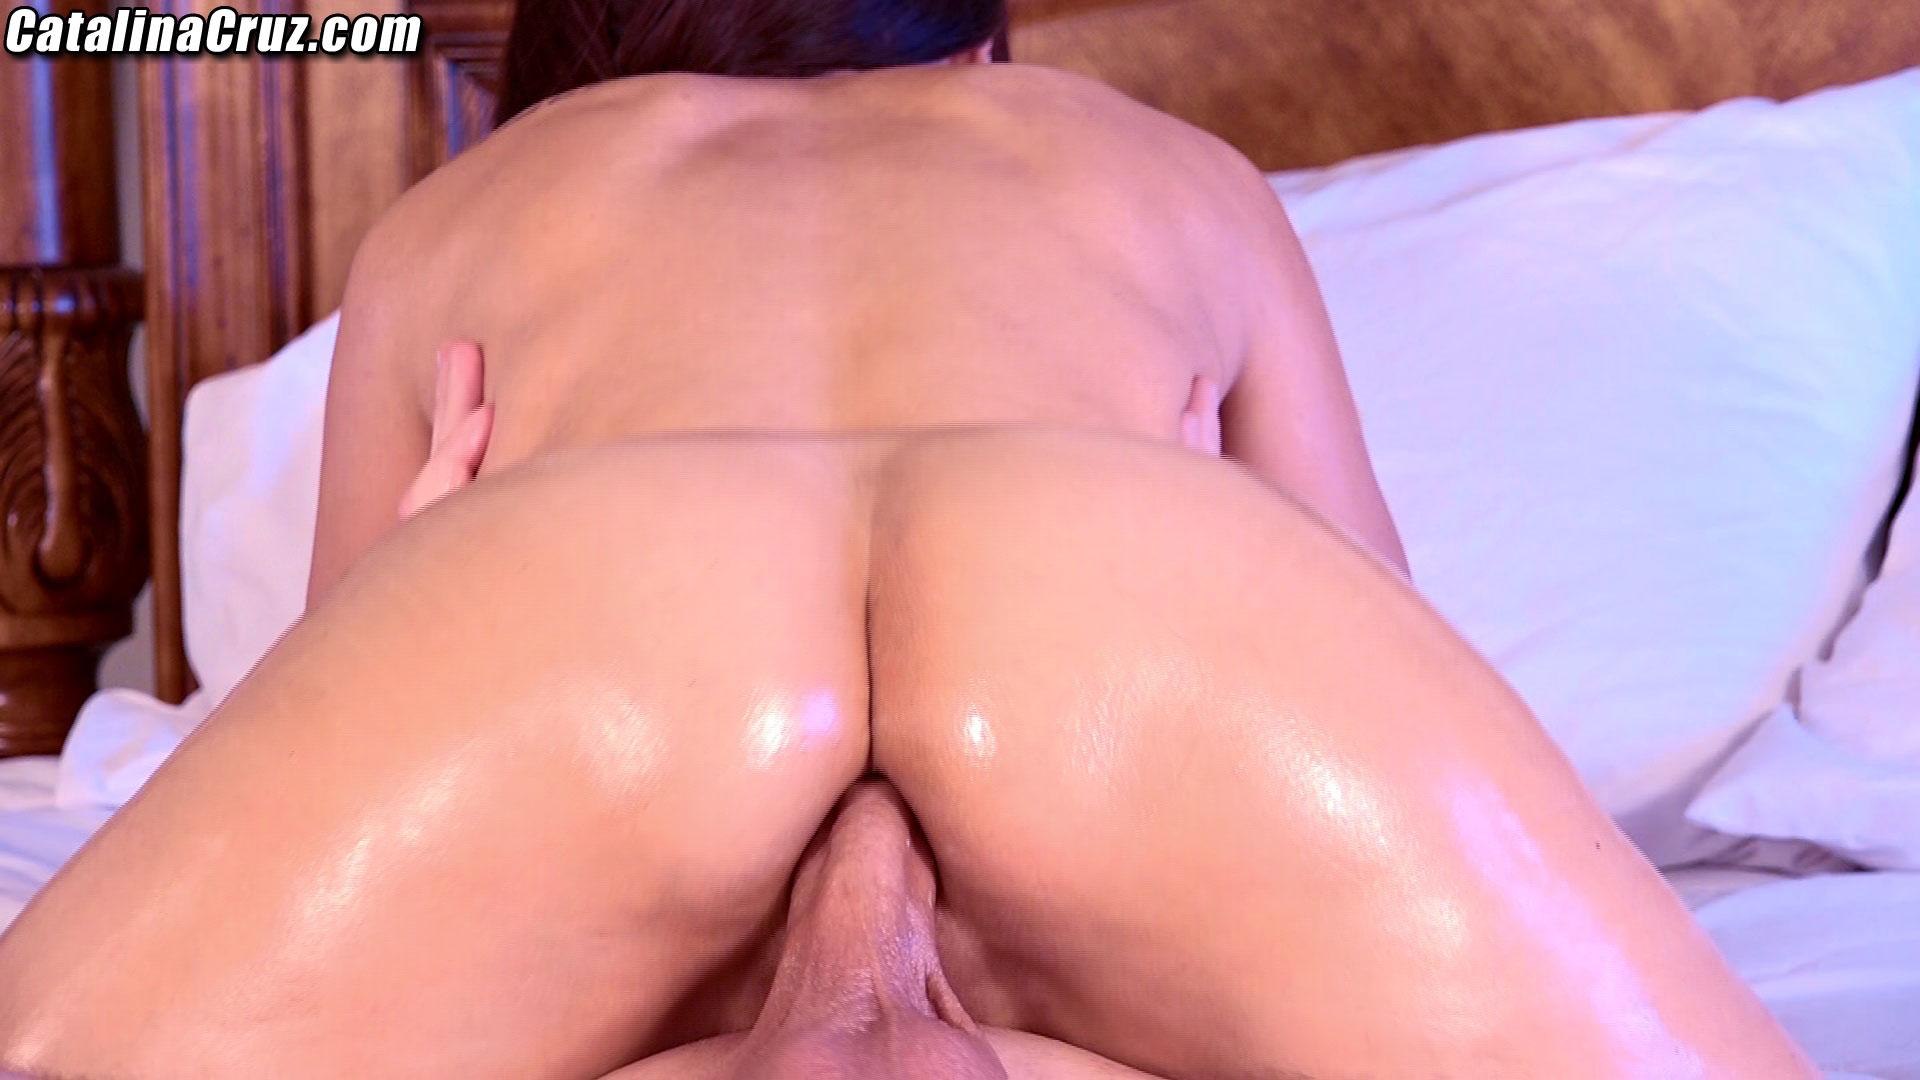 Catalina cruz anal sex